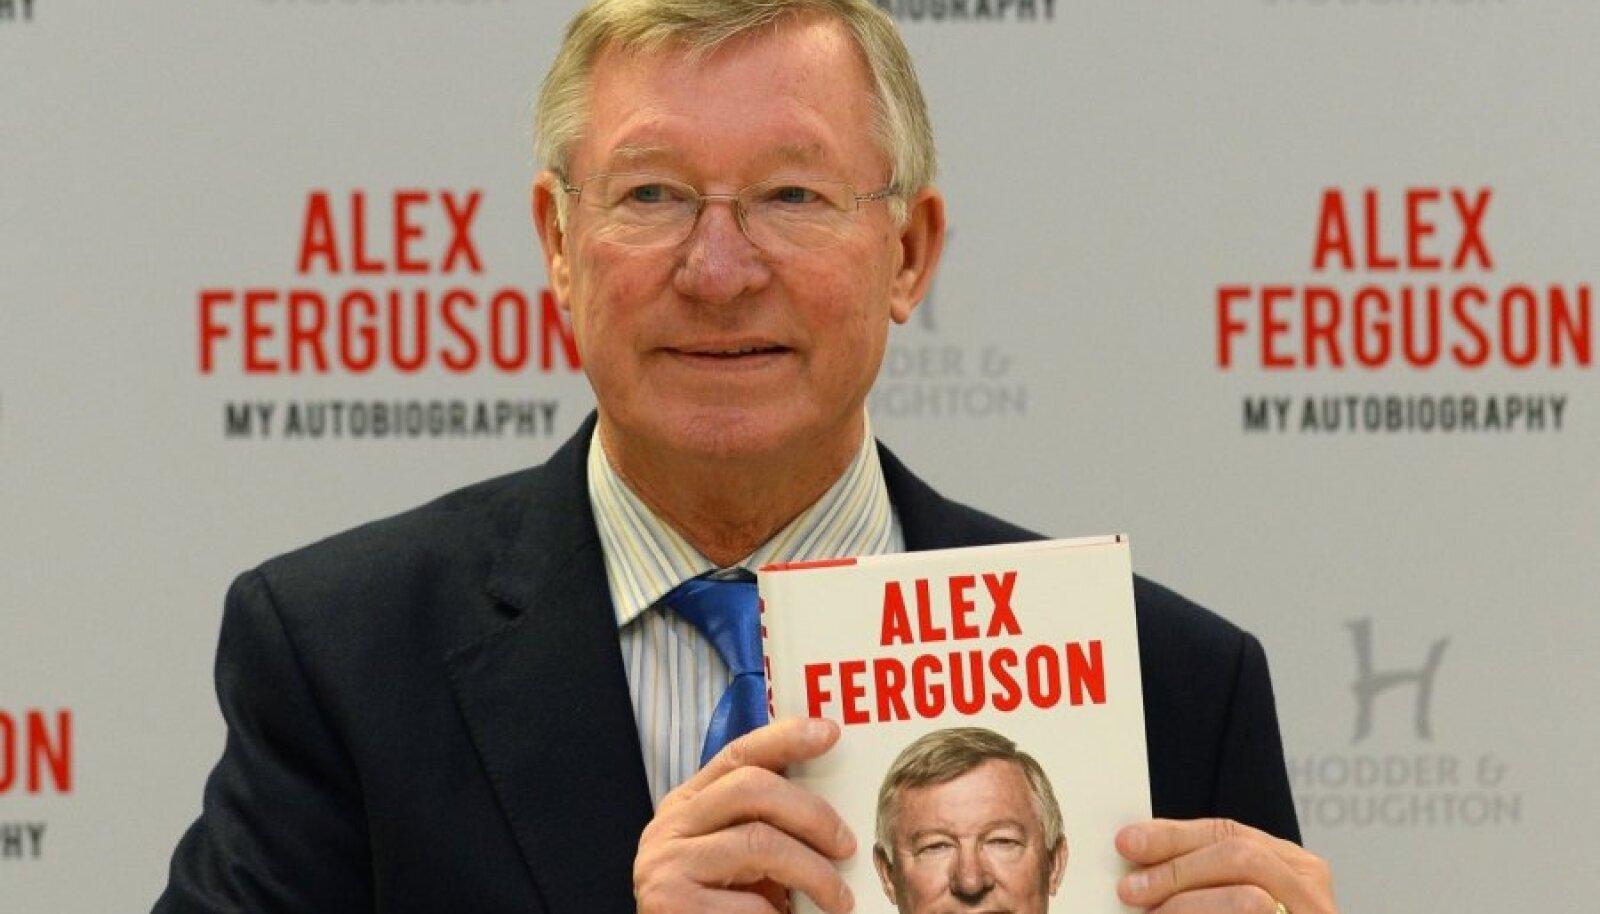 Alex Fergusoni elulooraamat